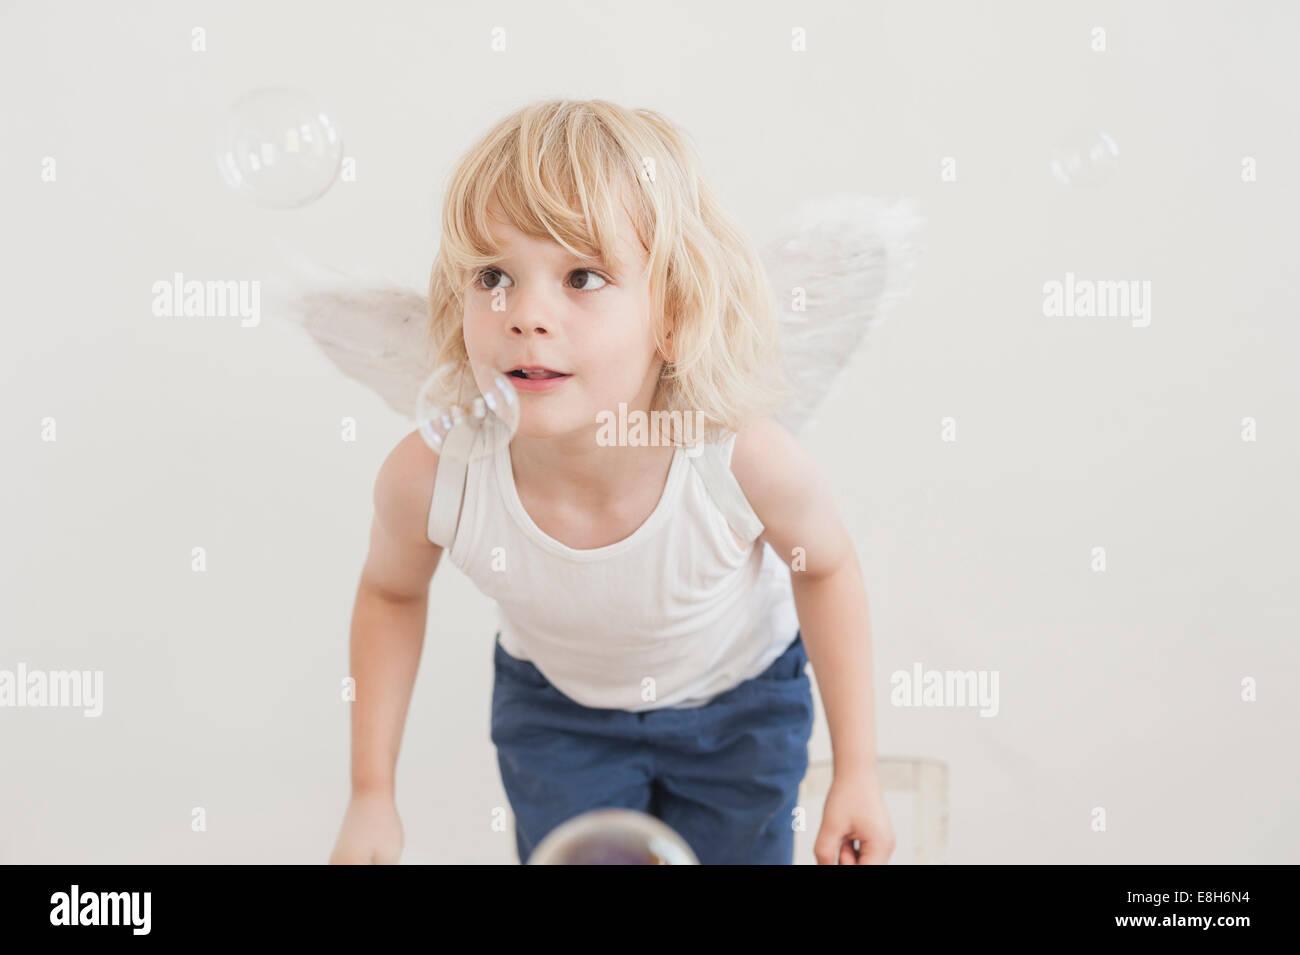 Ritratto di Little Boy con angolo ali guardando le bolle di sapone Immagini Stock